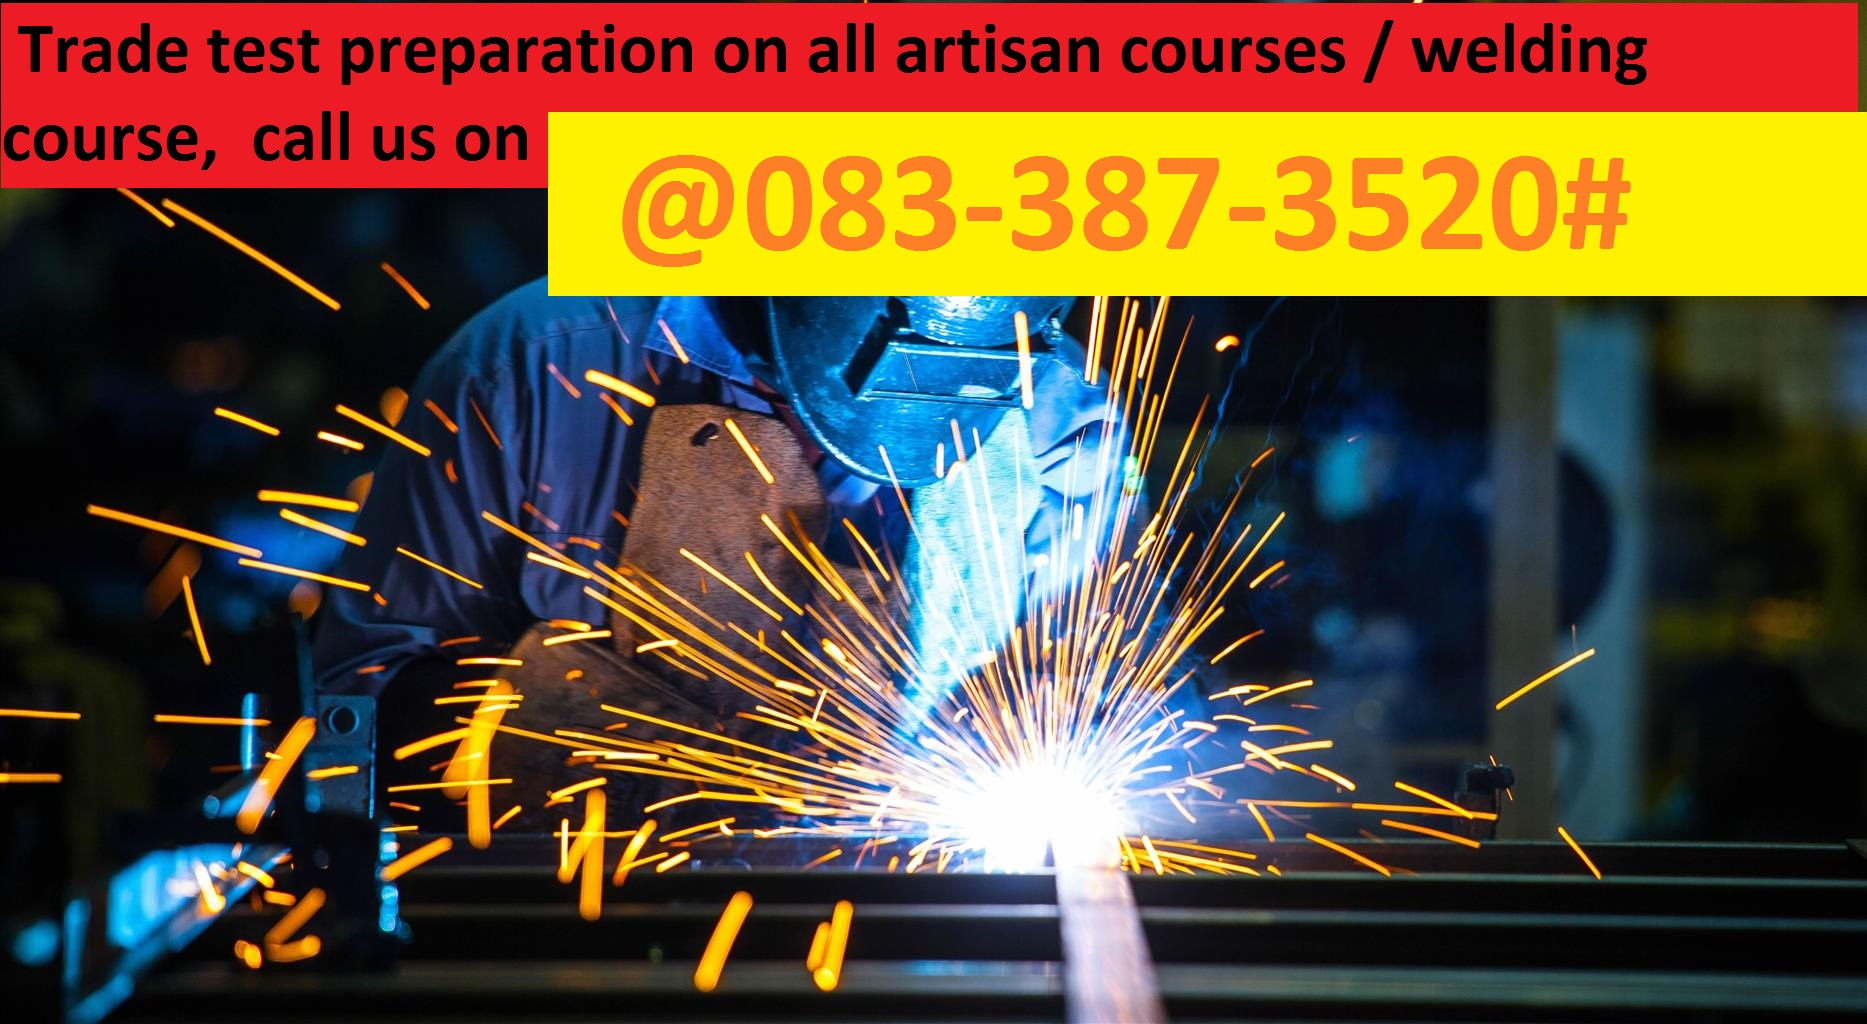 Co2argon Pipe Welding School Of Artisan Courses School Of